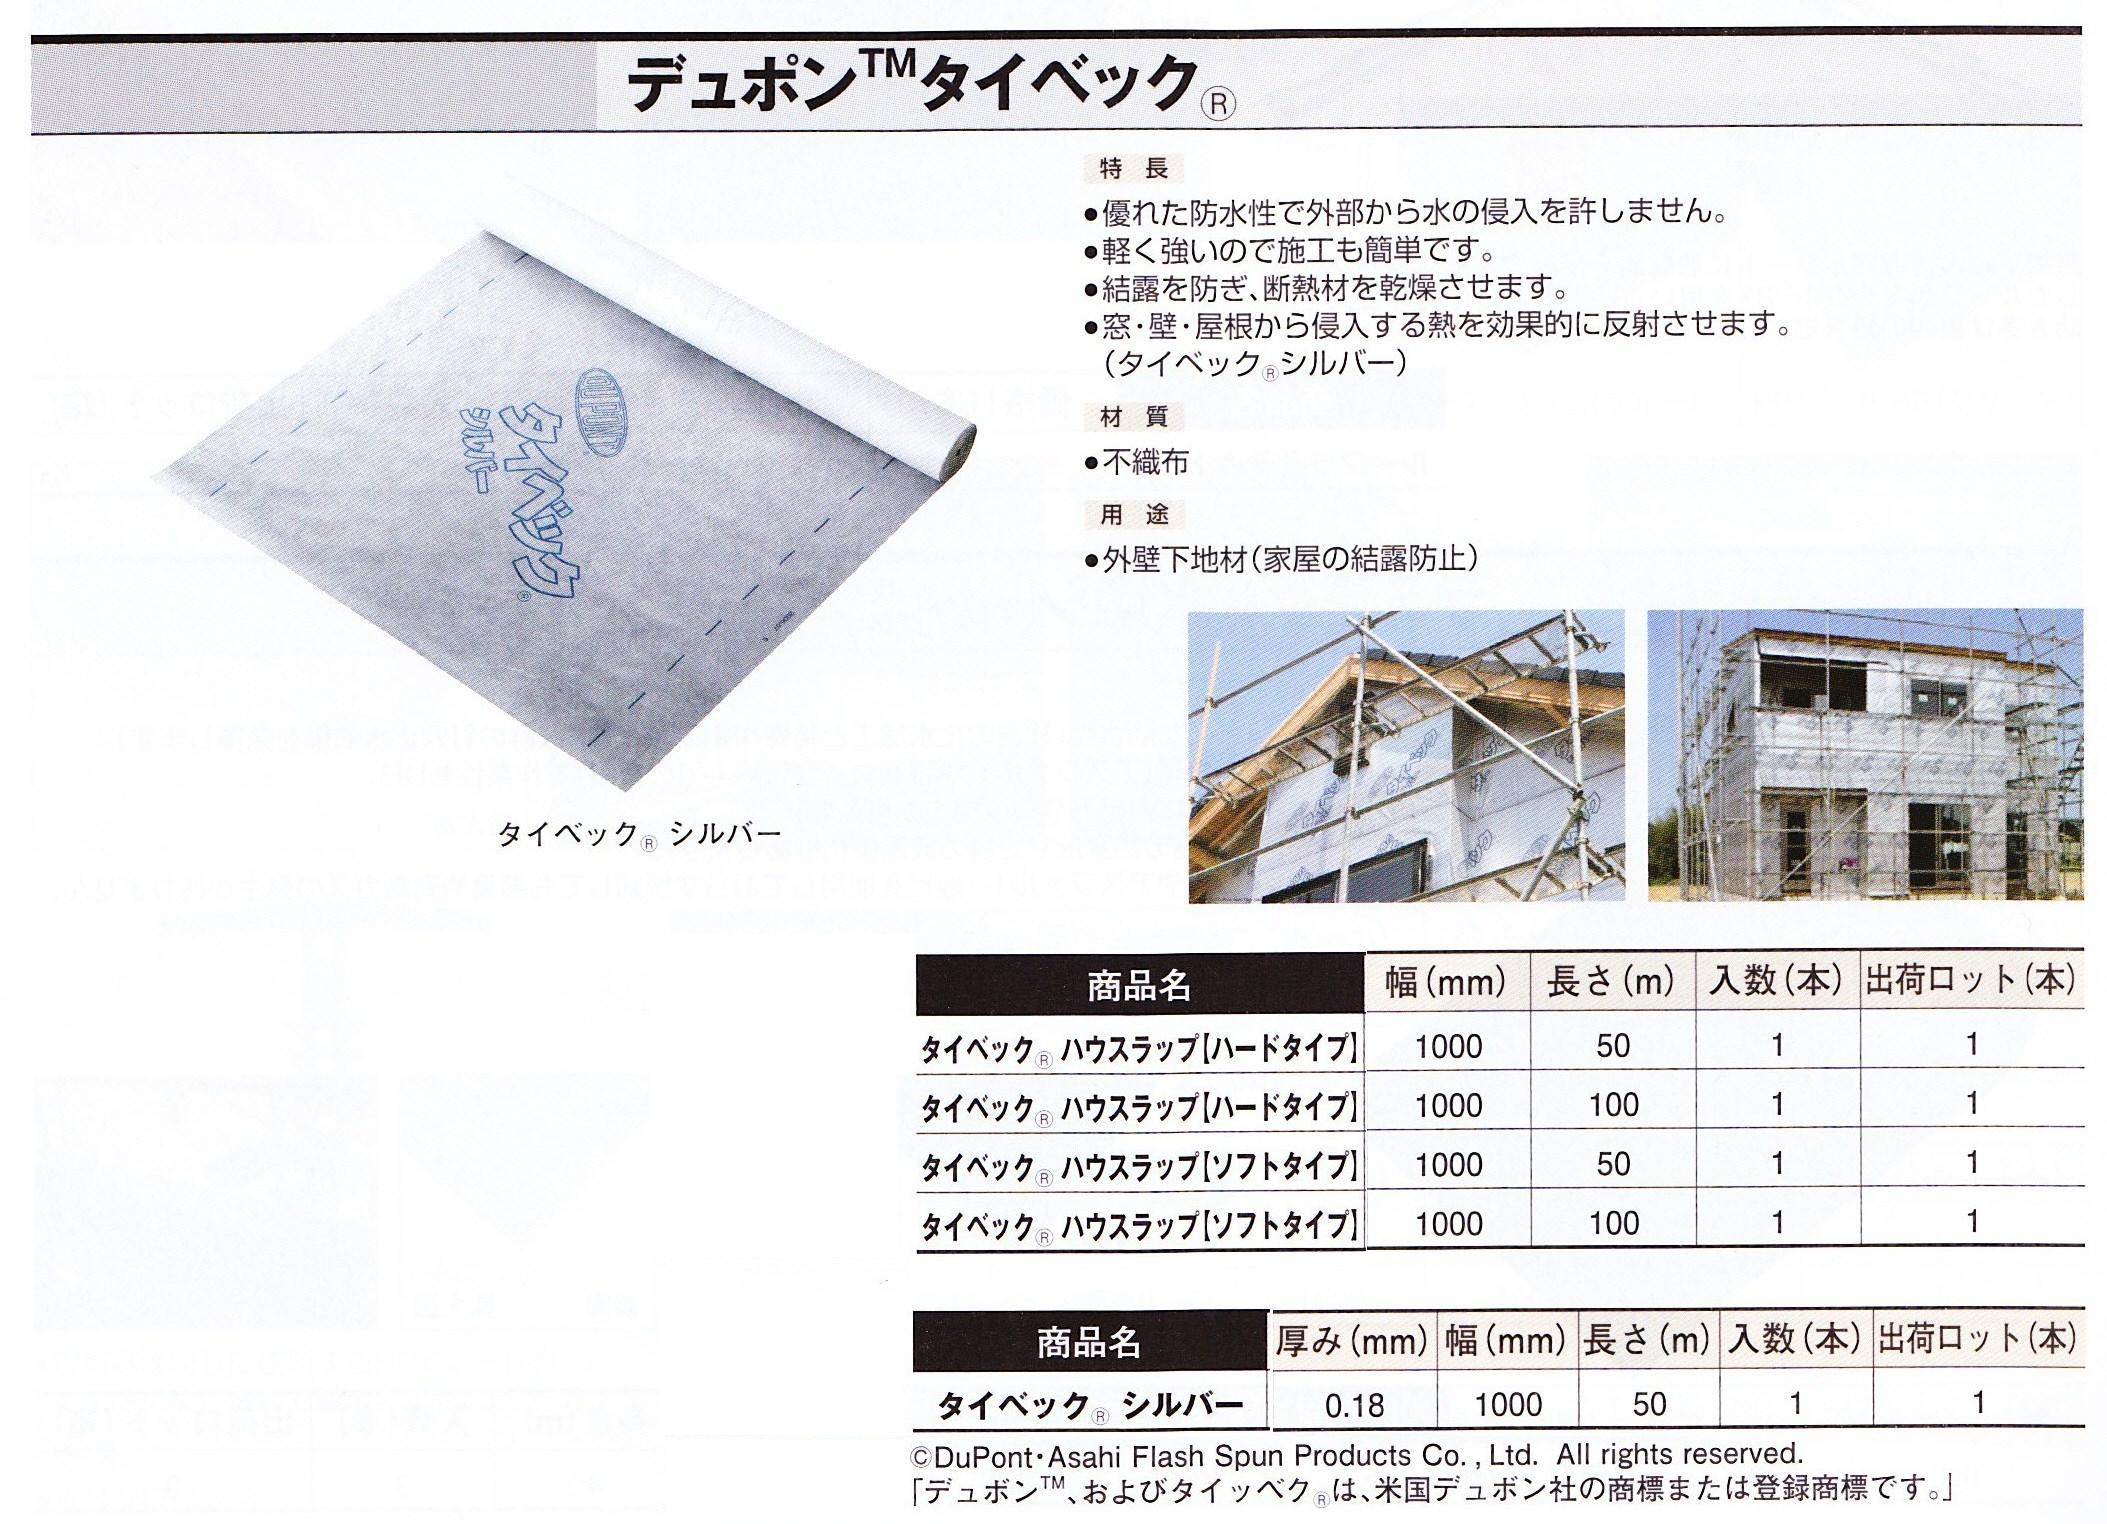 タイベック ハウスラップ(ソフトタイプ) 送料無料!(1000mm幅×50m巻 2本)